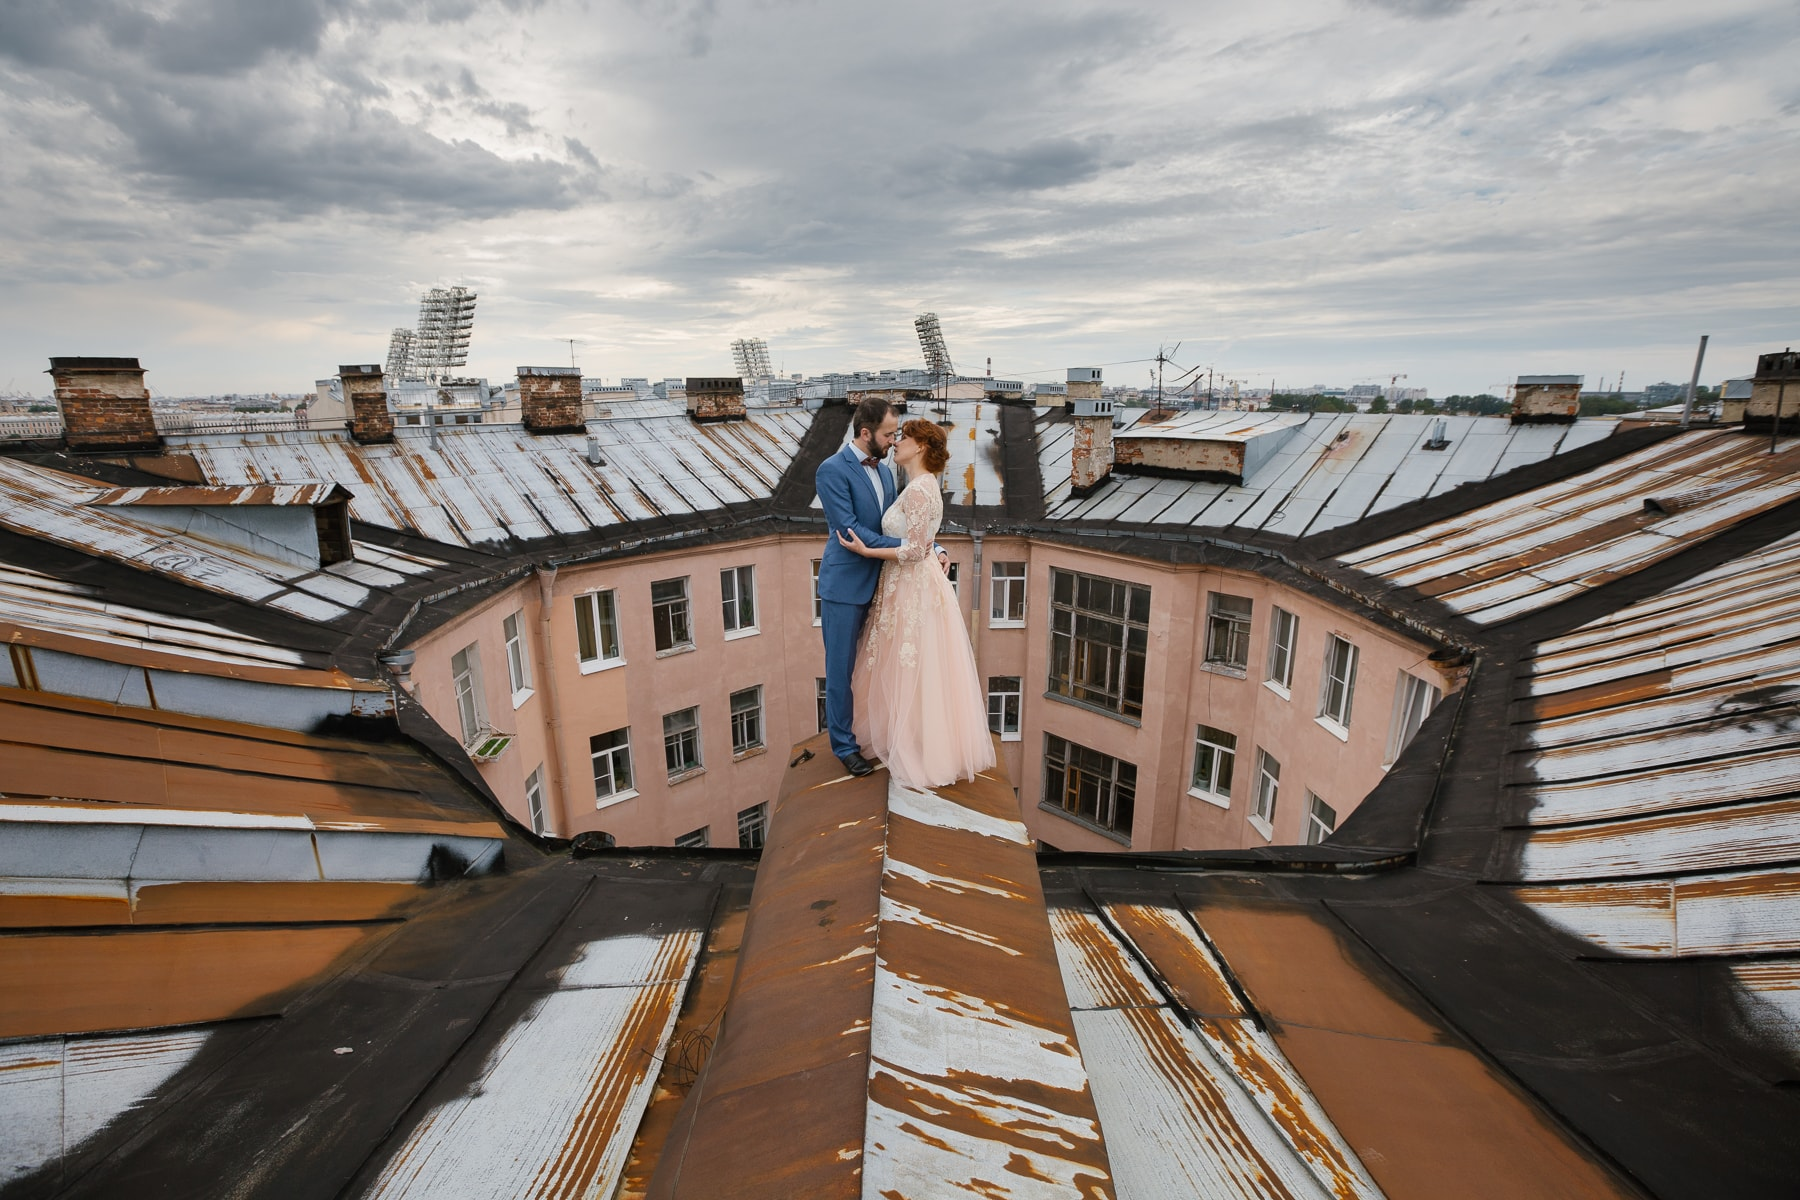 собирают для фотосессия профессиональная санкт петербург клинка используют